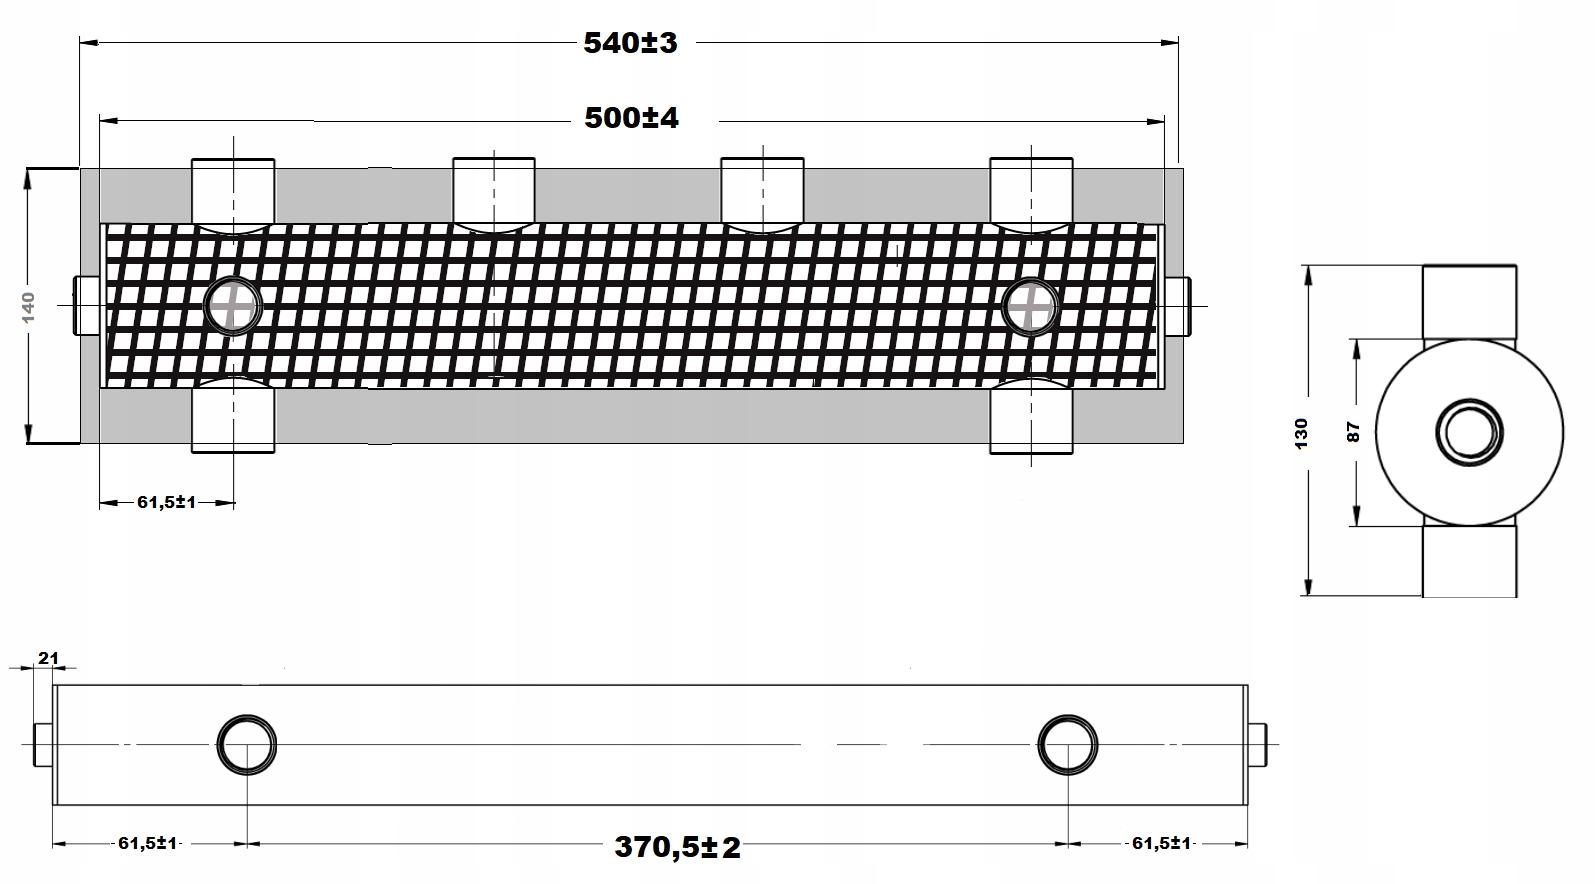 KOMPLETNE SPRZĘGŁO HYDRAULICZNE 2 OBIEGI Typ pieca dwufunkcyjny dwufunkcyjny z zasobnikiem cwu jednofunkcyjny inny